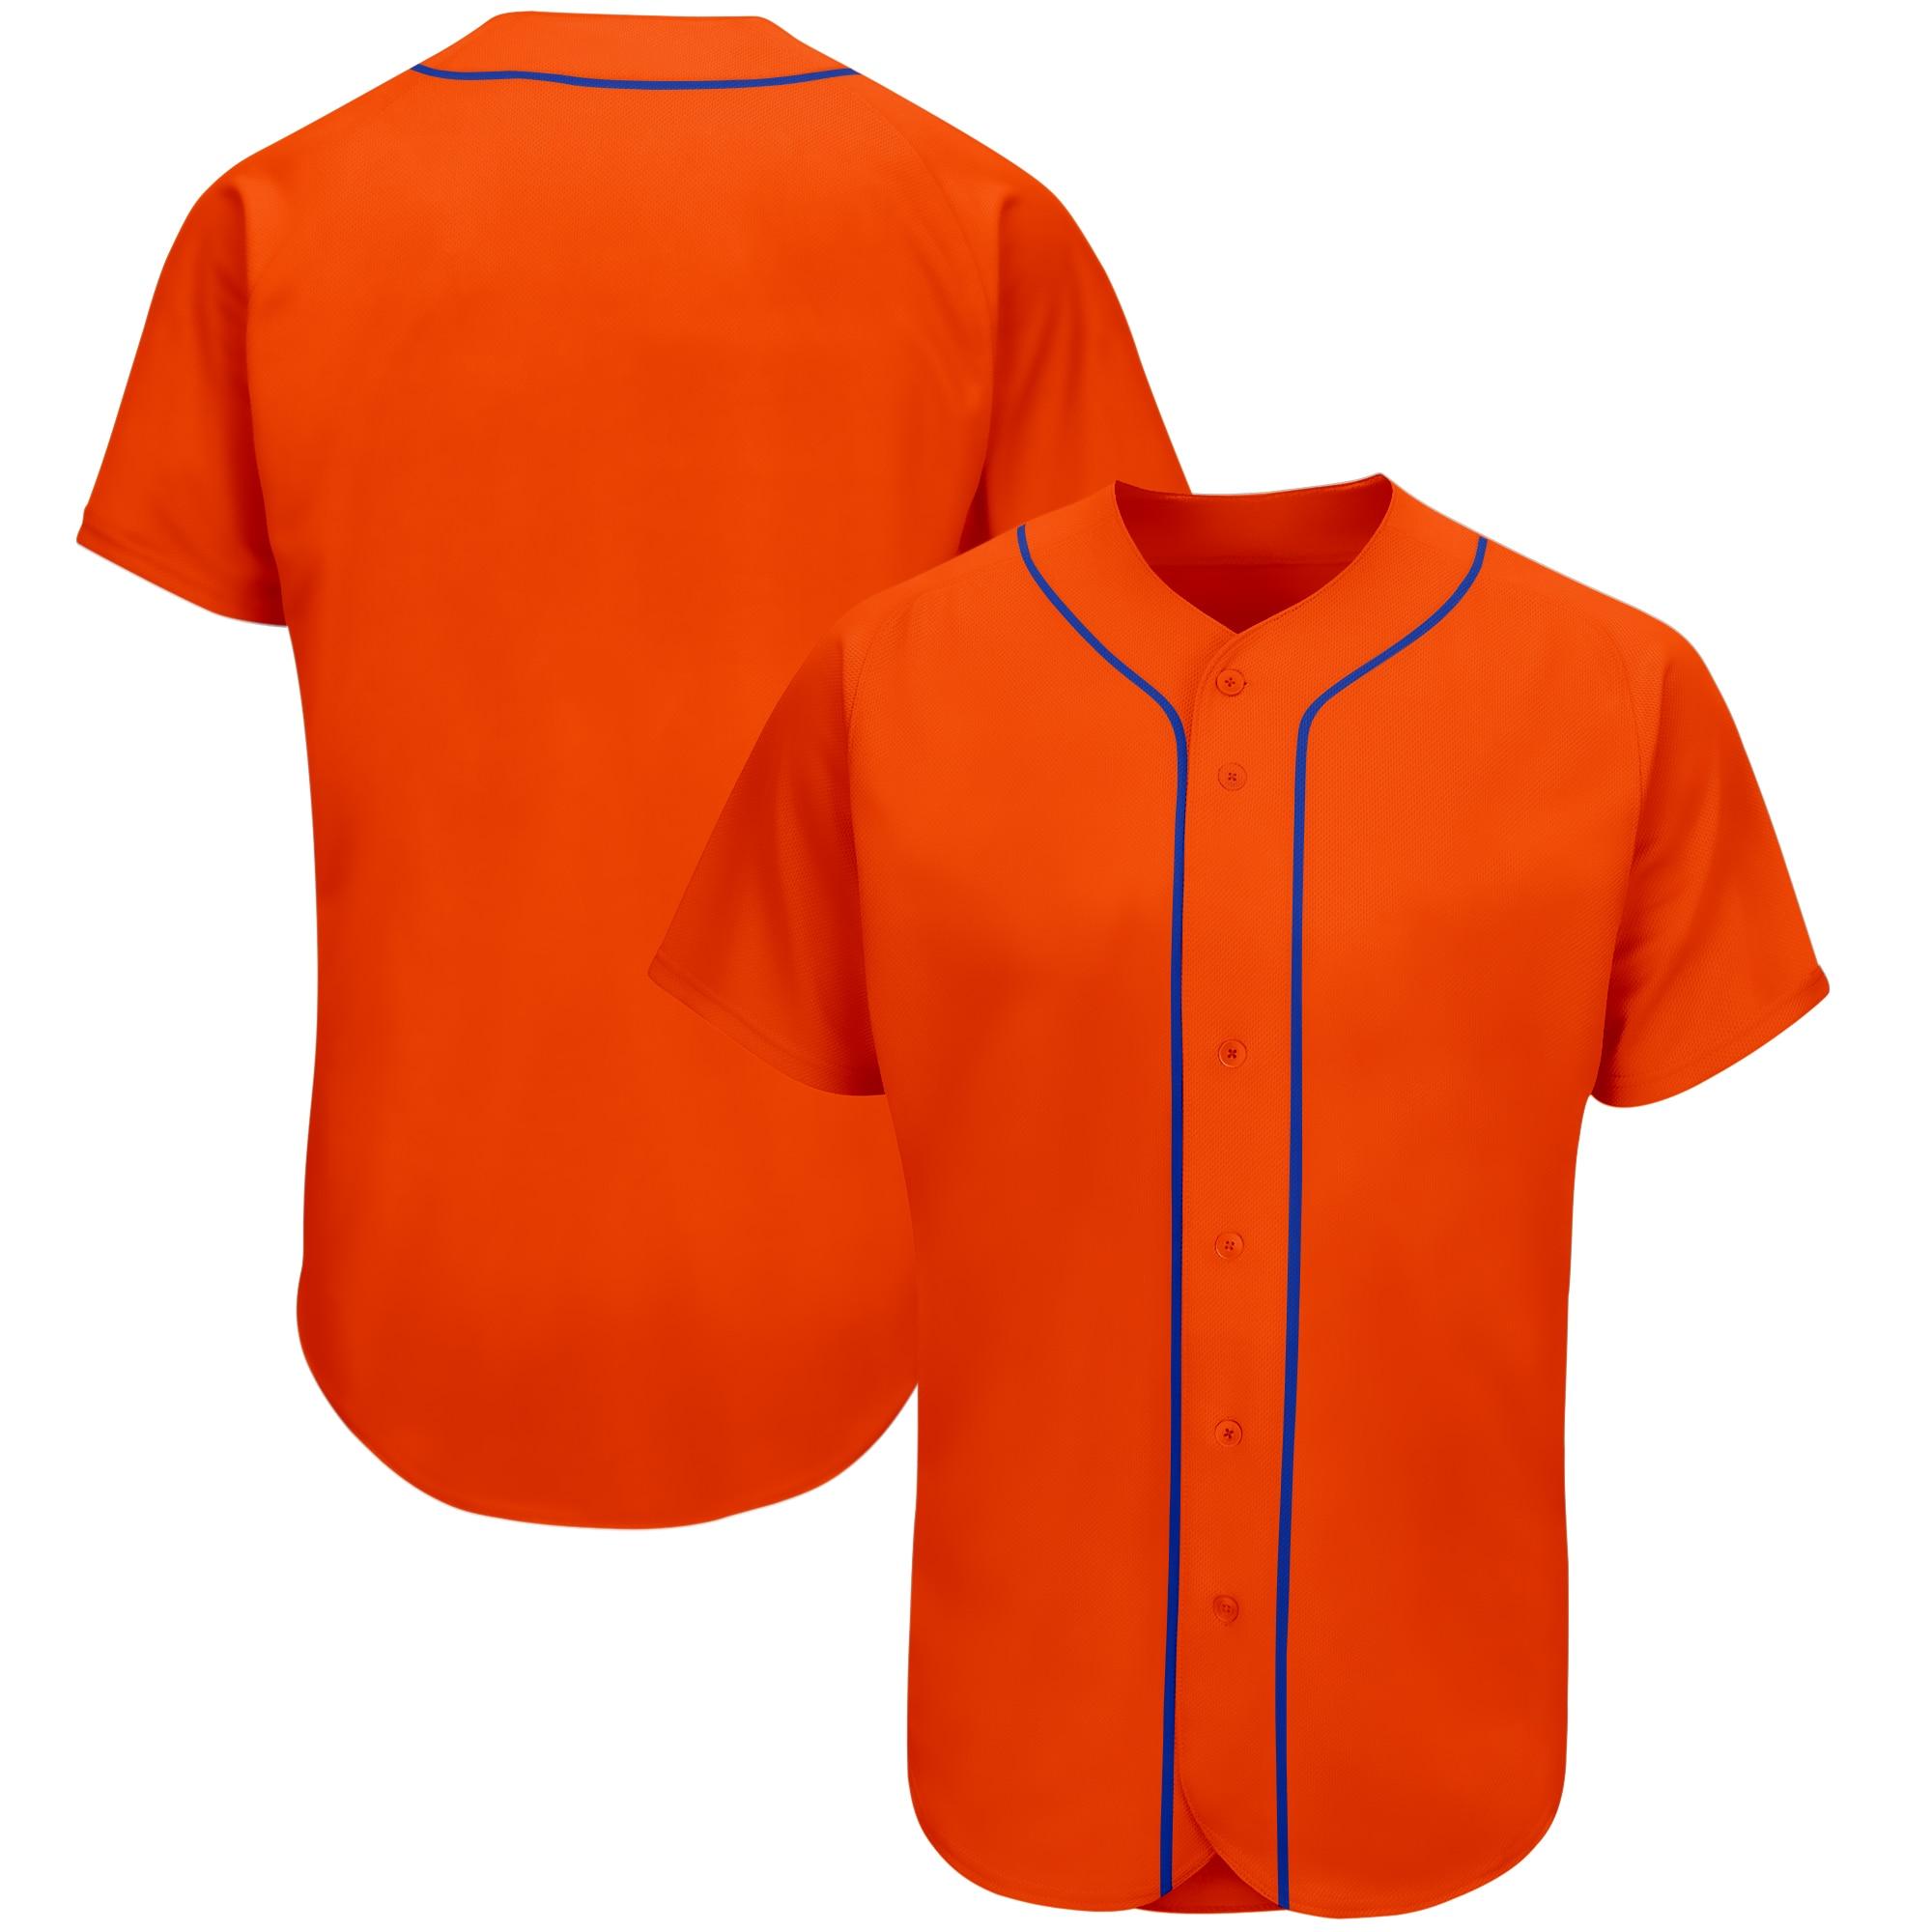 Мужская Бейсбольная Футболка под заказ, новая футболка с номером имени и вышивкой и номером, Высококачественная униформа для чарлидинга из ...